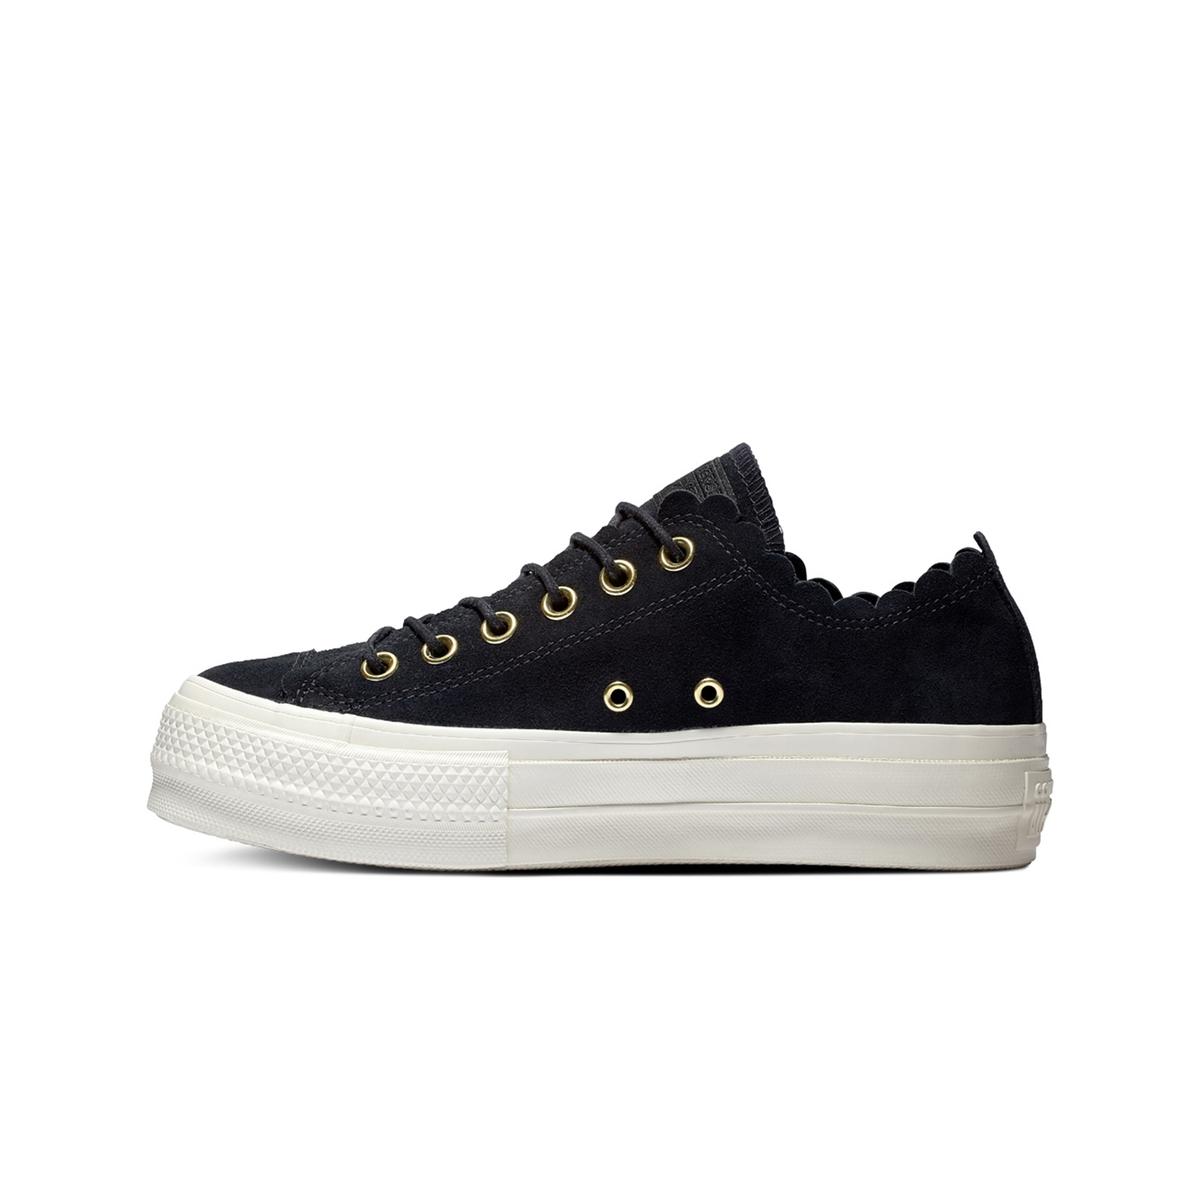 nuevo alto textura clara precio justo Zapatillas de piel Chuck Taylor Lift All Star